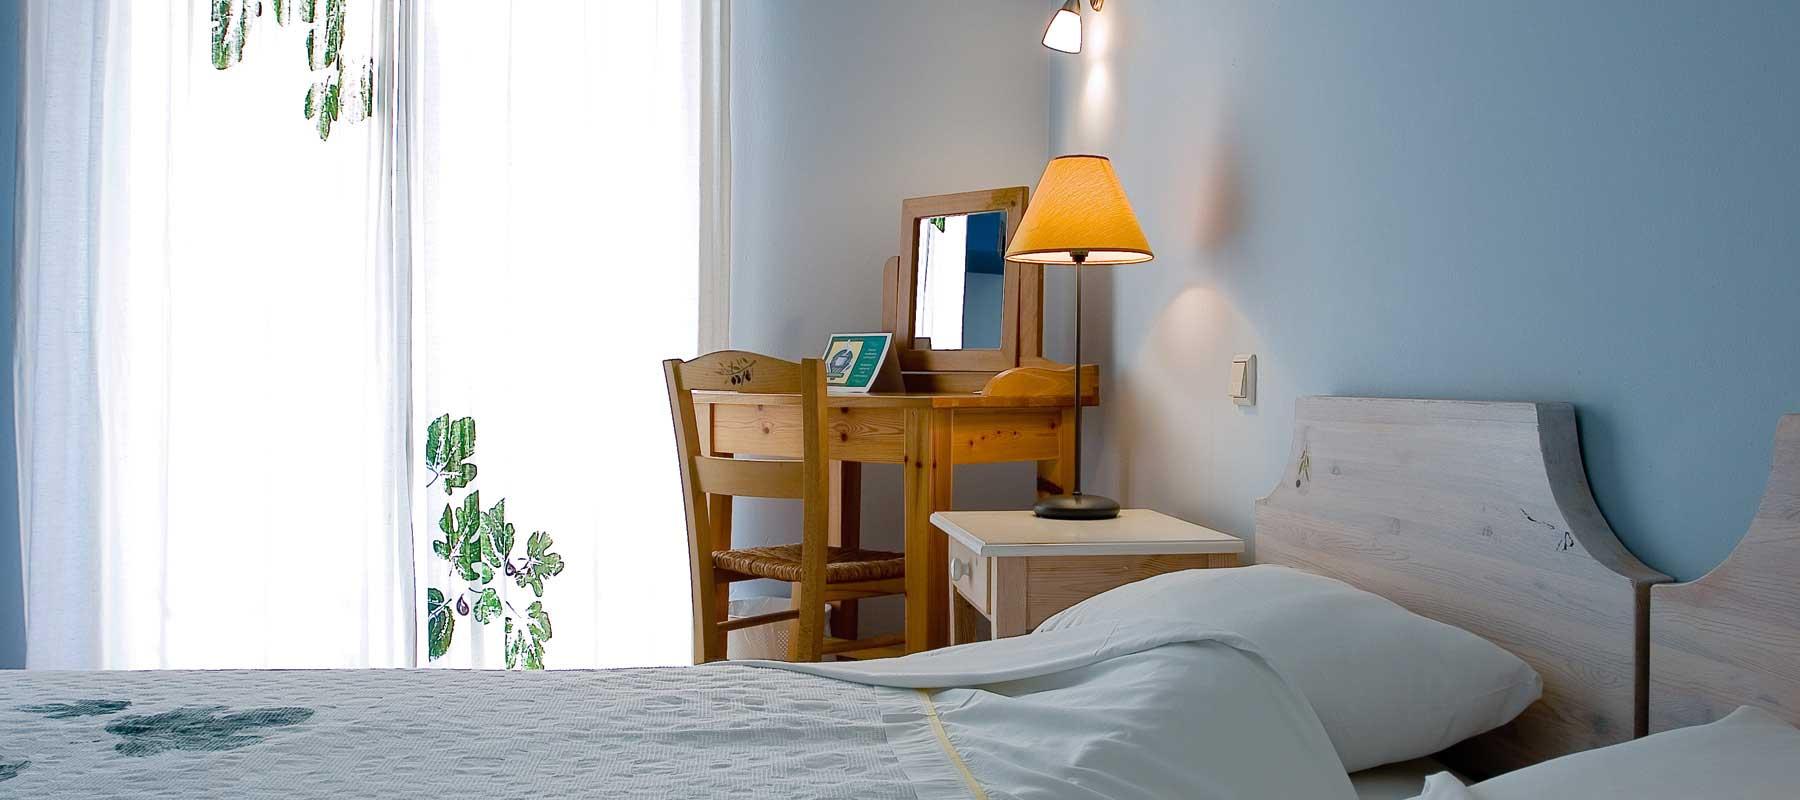 Chambres spacieuses avec jardin ou véranda idéal pour regarder le coucher du soleil …